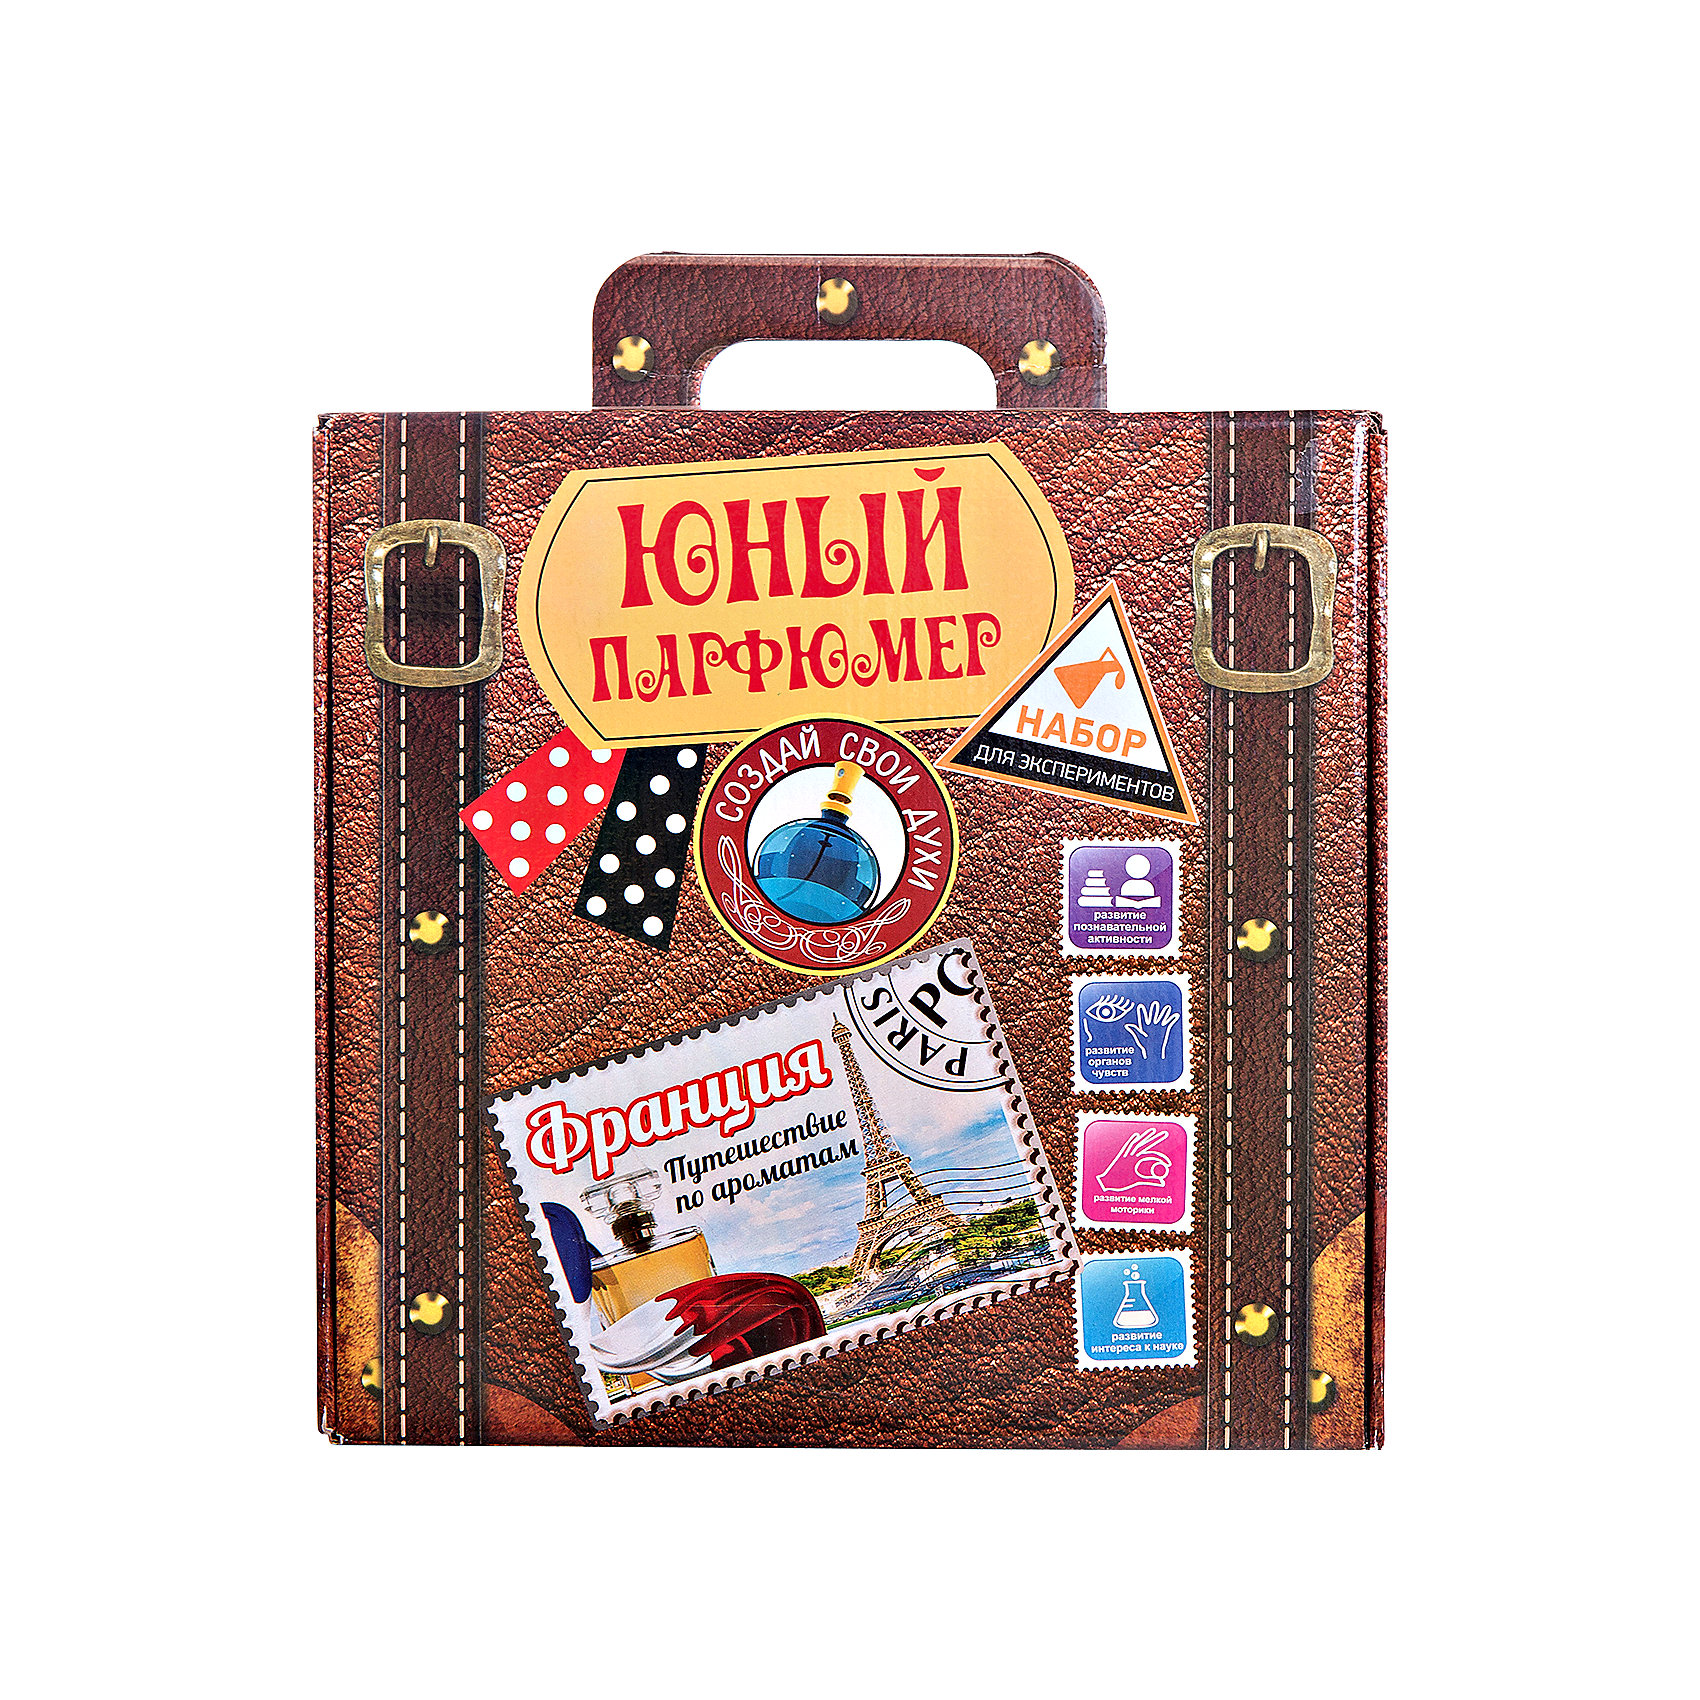 Набор для  экспериментов Юный парфюмер, Путешествие по ароматам: Франция(набор сделан в виде чемоданчика для путешествий, который позволит изготовить 25 ароматов. В<br><br>Ширина мм: 280<br>Глубина мм: 85<br>Высота мм: 275<br>Вес г: 1111<br>Возраст от месяцев: 96<br>Возраст до месяцев: 168<br>Пол: Унисекс<br>Возраст: Детский<br>SKU: 5067623